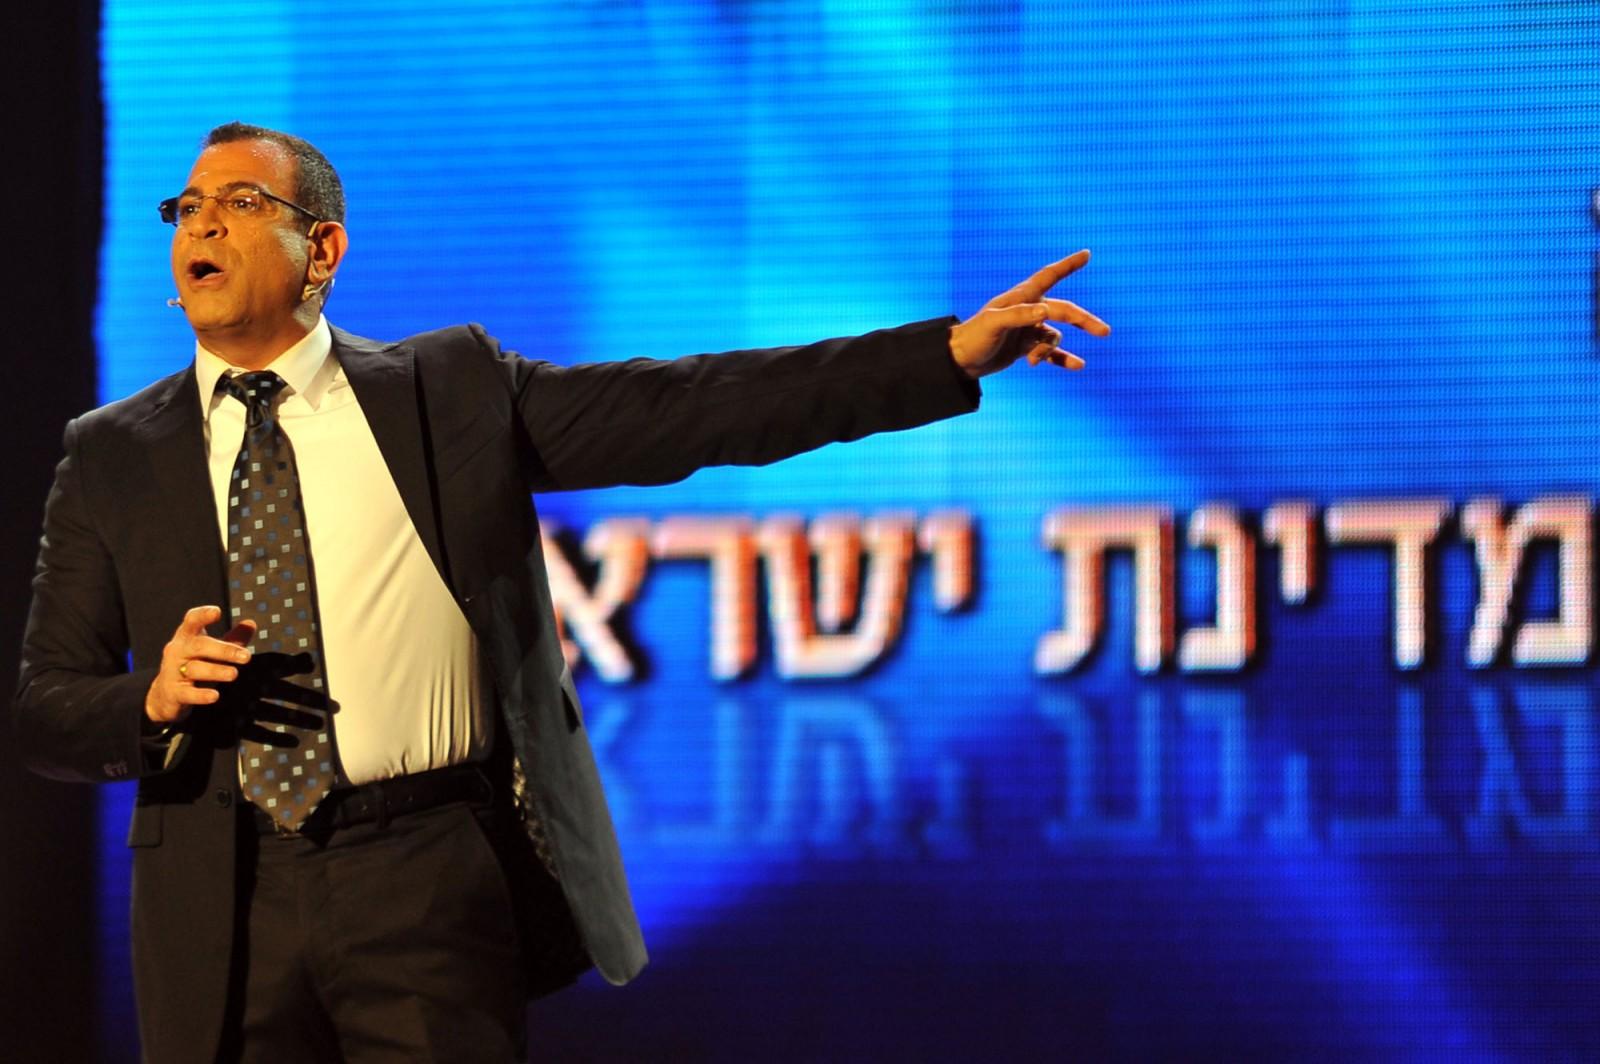 הקומיקאי אלי יצפאן מנחה טקס לכבוד ניצולי שואה, שלשום בירושלים (צילום: יואב ארי דודקביץ)